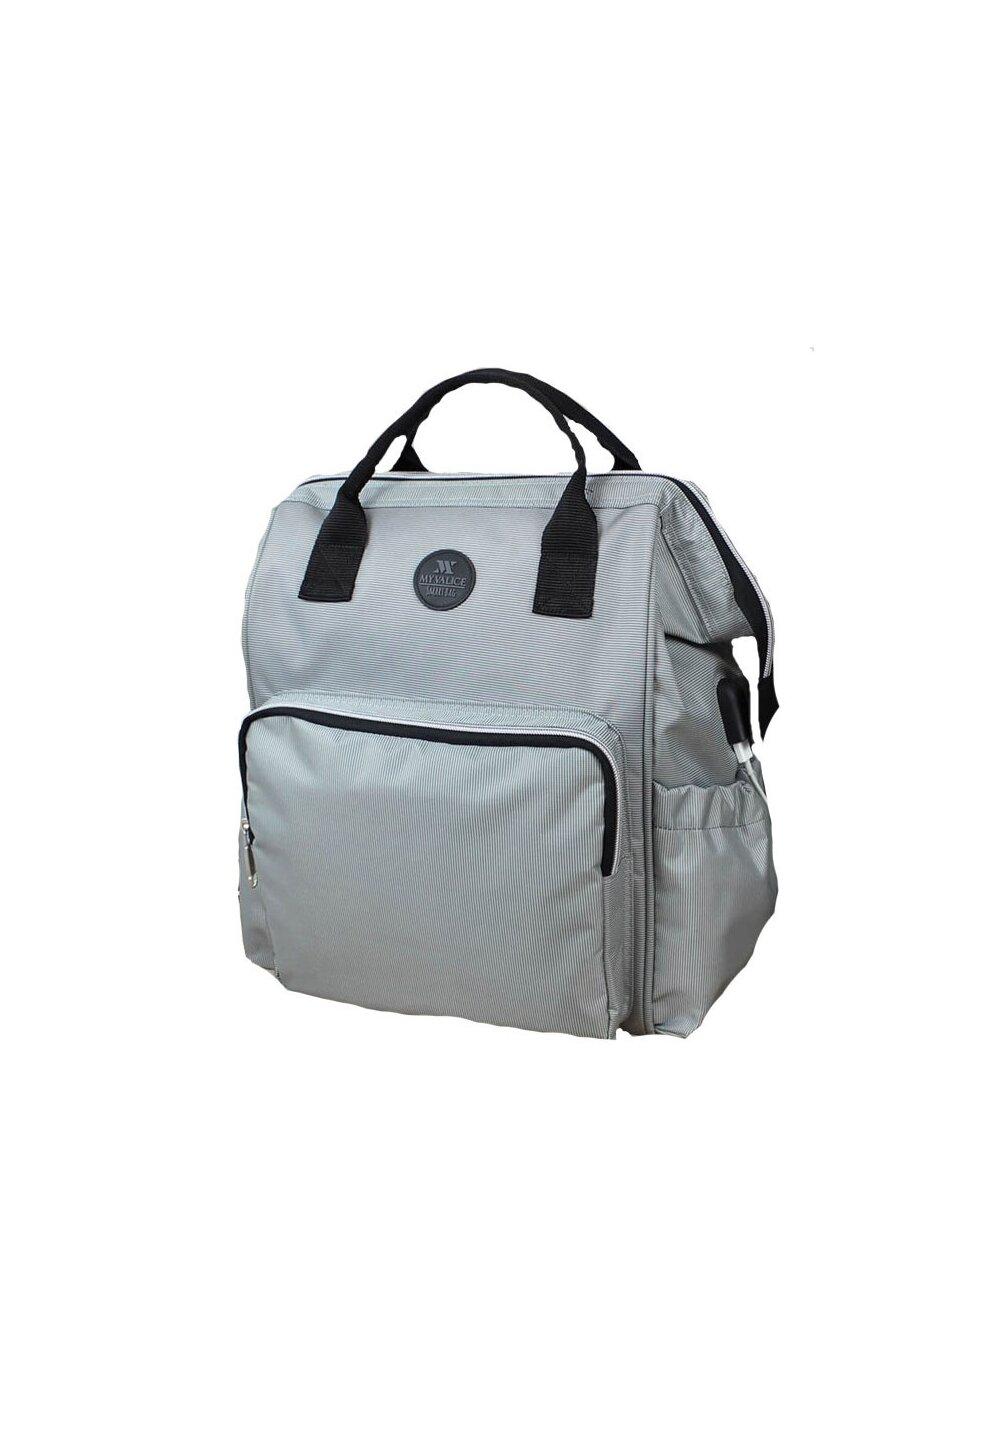 Rucsac pentru mamici, cu mufa USB, Smart Bag, gri deschis